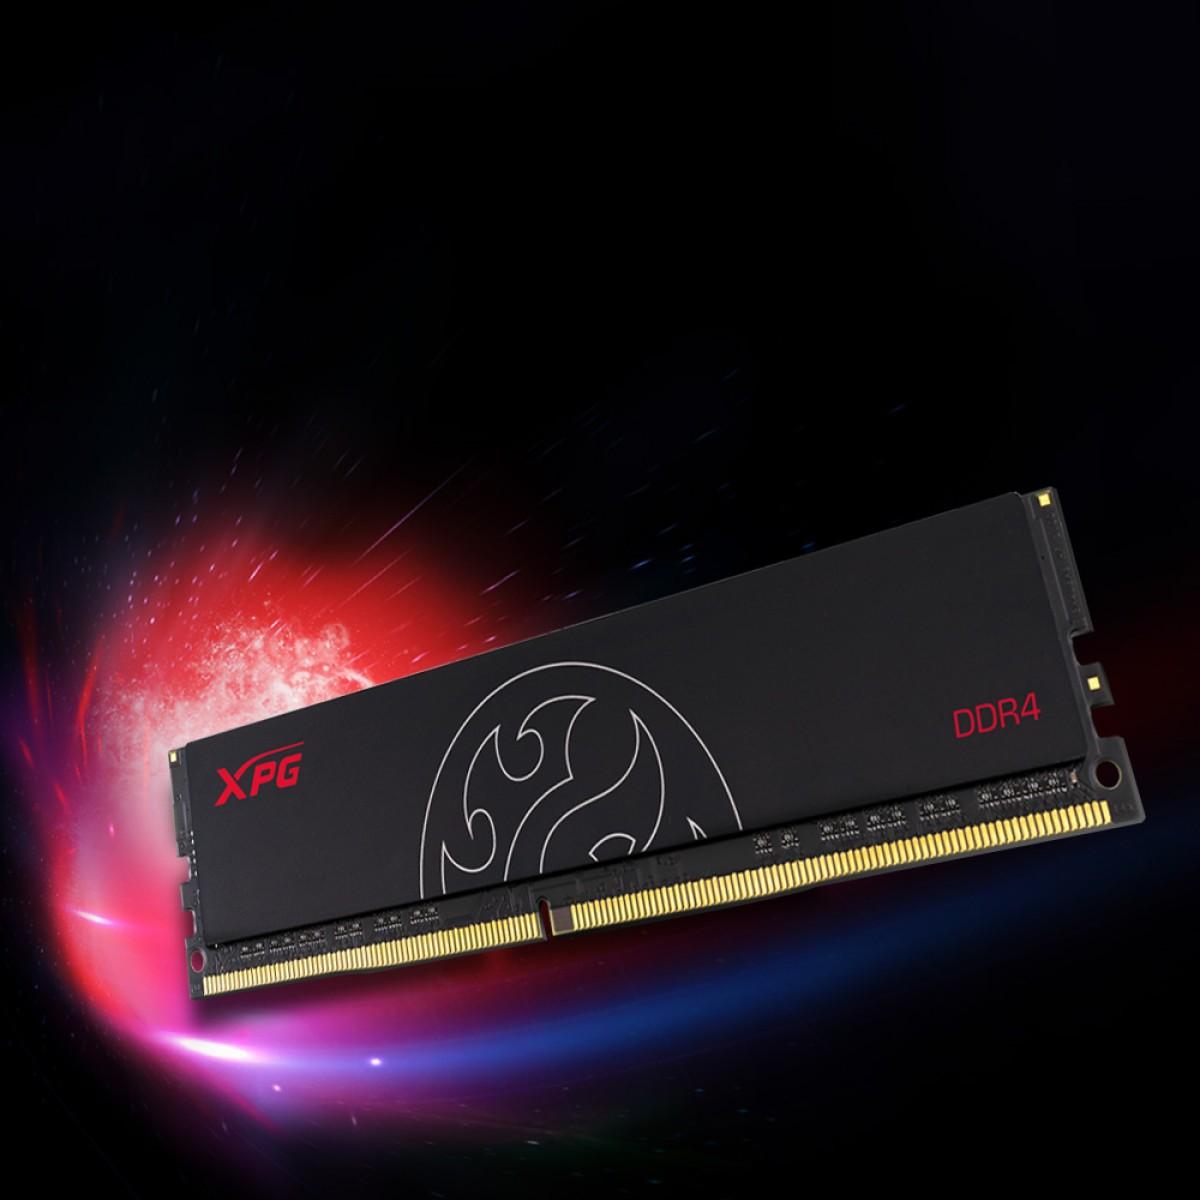 Memória DDR4 XPG Hunter, 16GB, 2666MHz, Black, AX4U2666716G16-SBHT